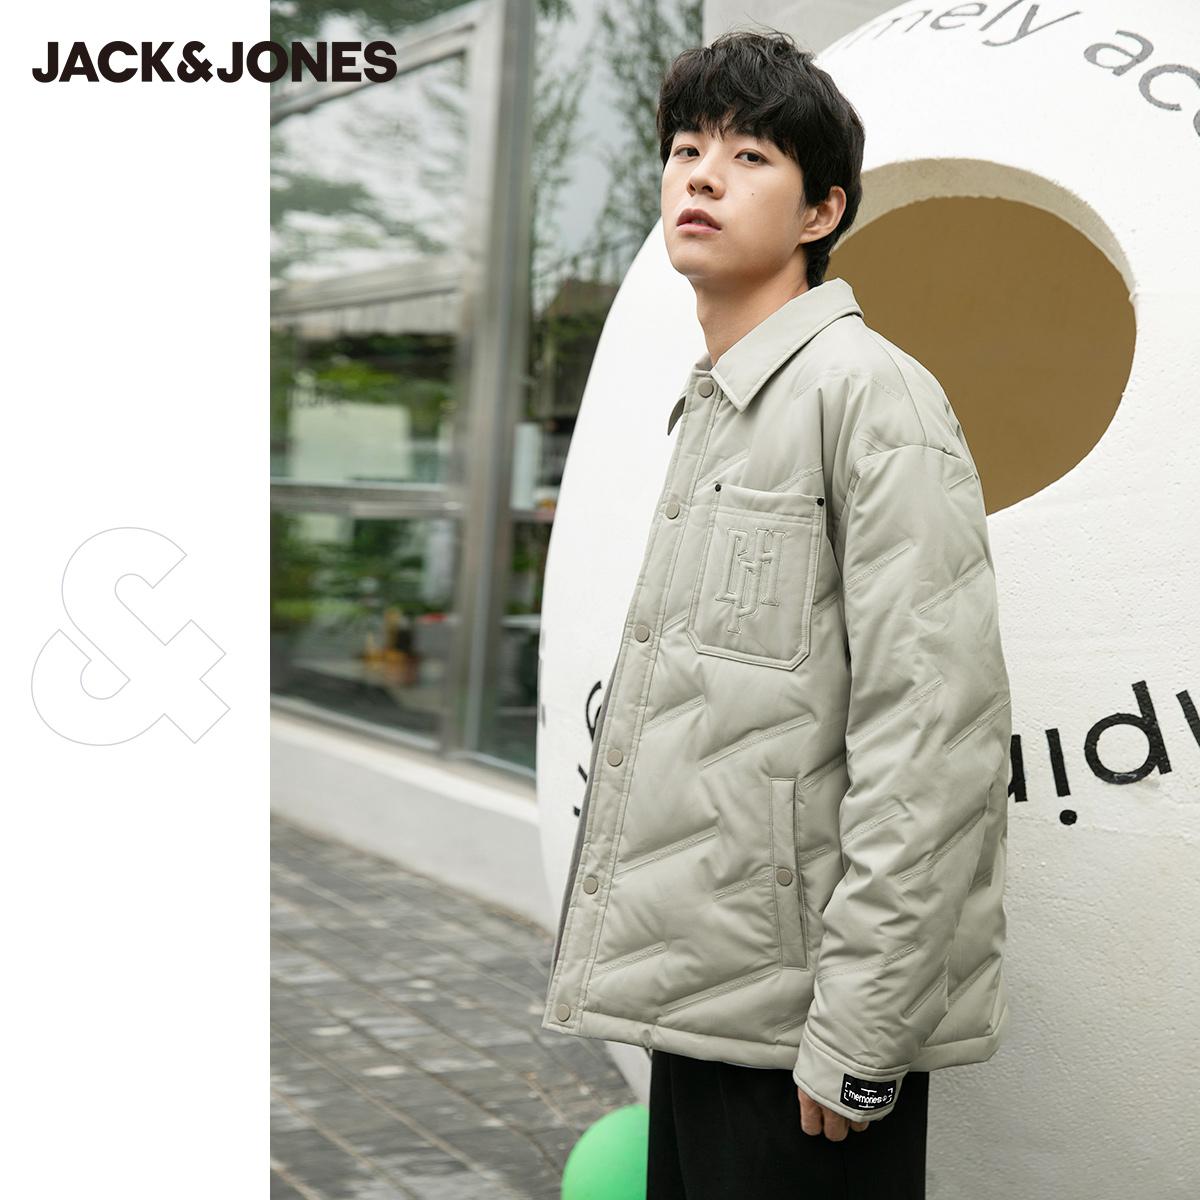 【预售】杰克琼斯秋冬新宽松轻薄鸭绒教练潮夹克茄衬衫羽绒服外套